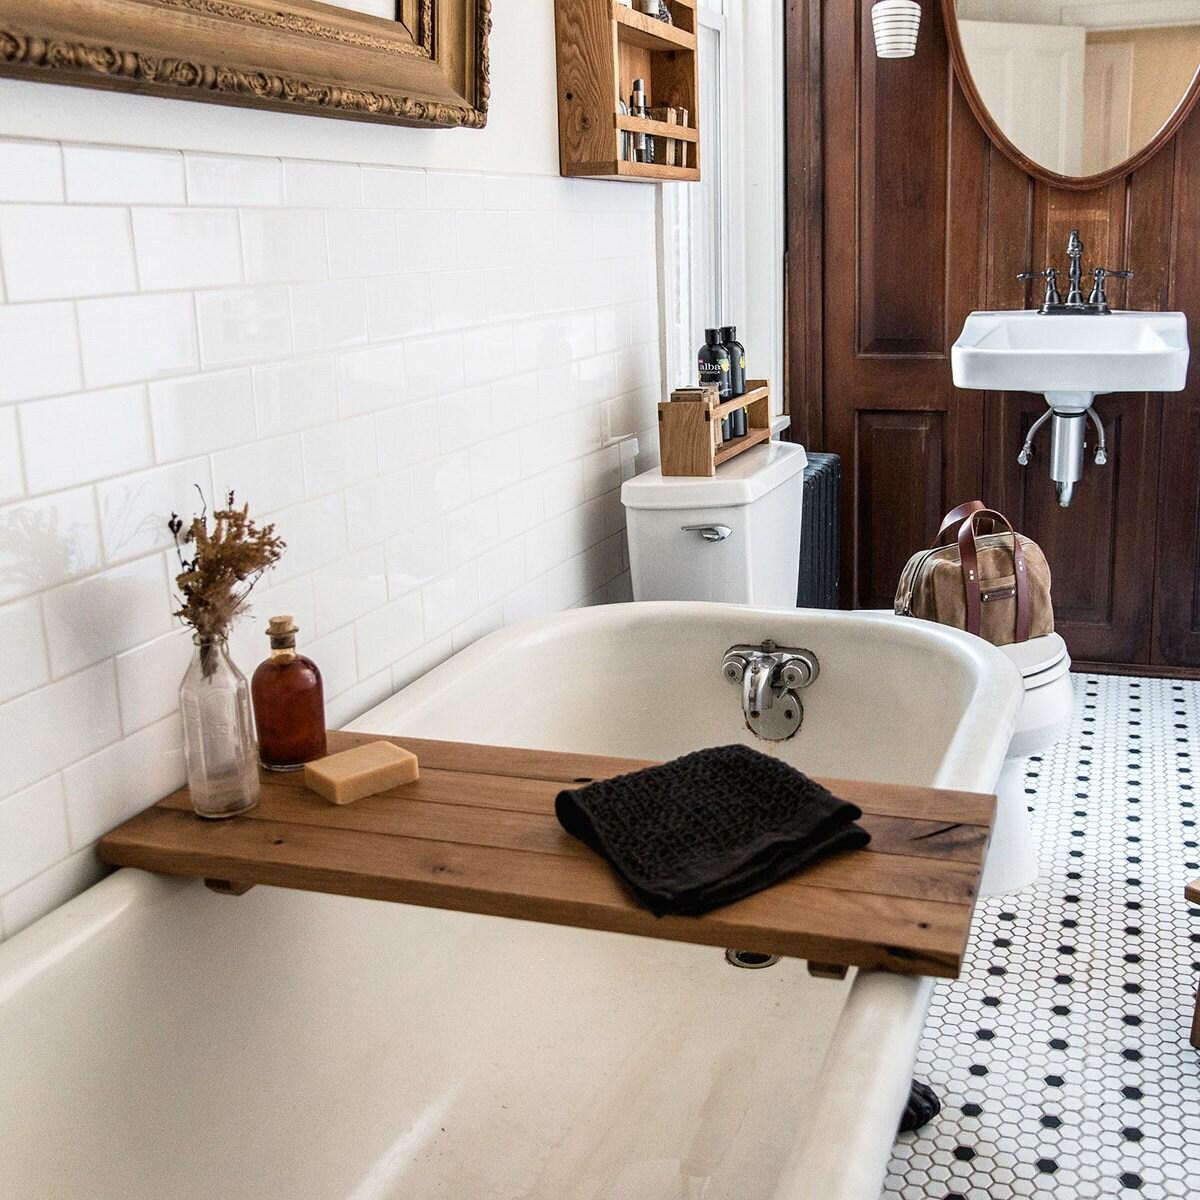 Wood bath caddy from Etsy